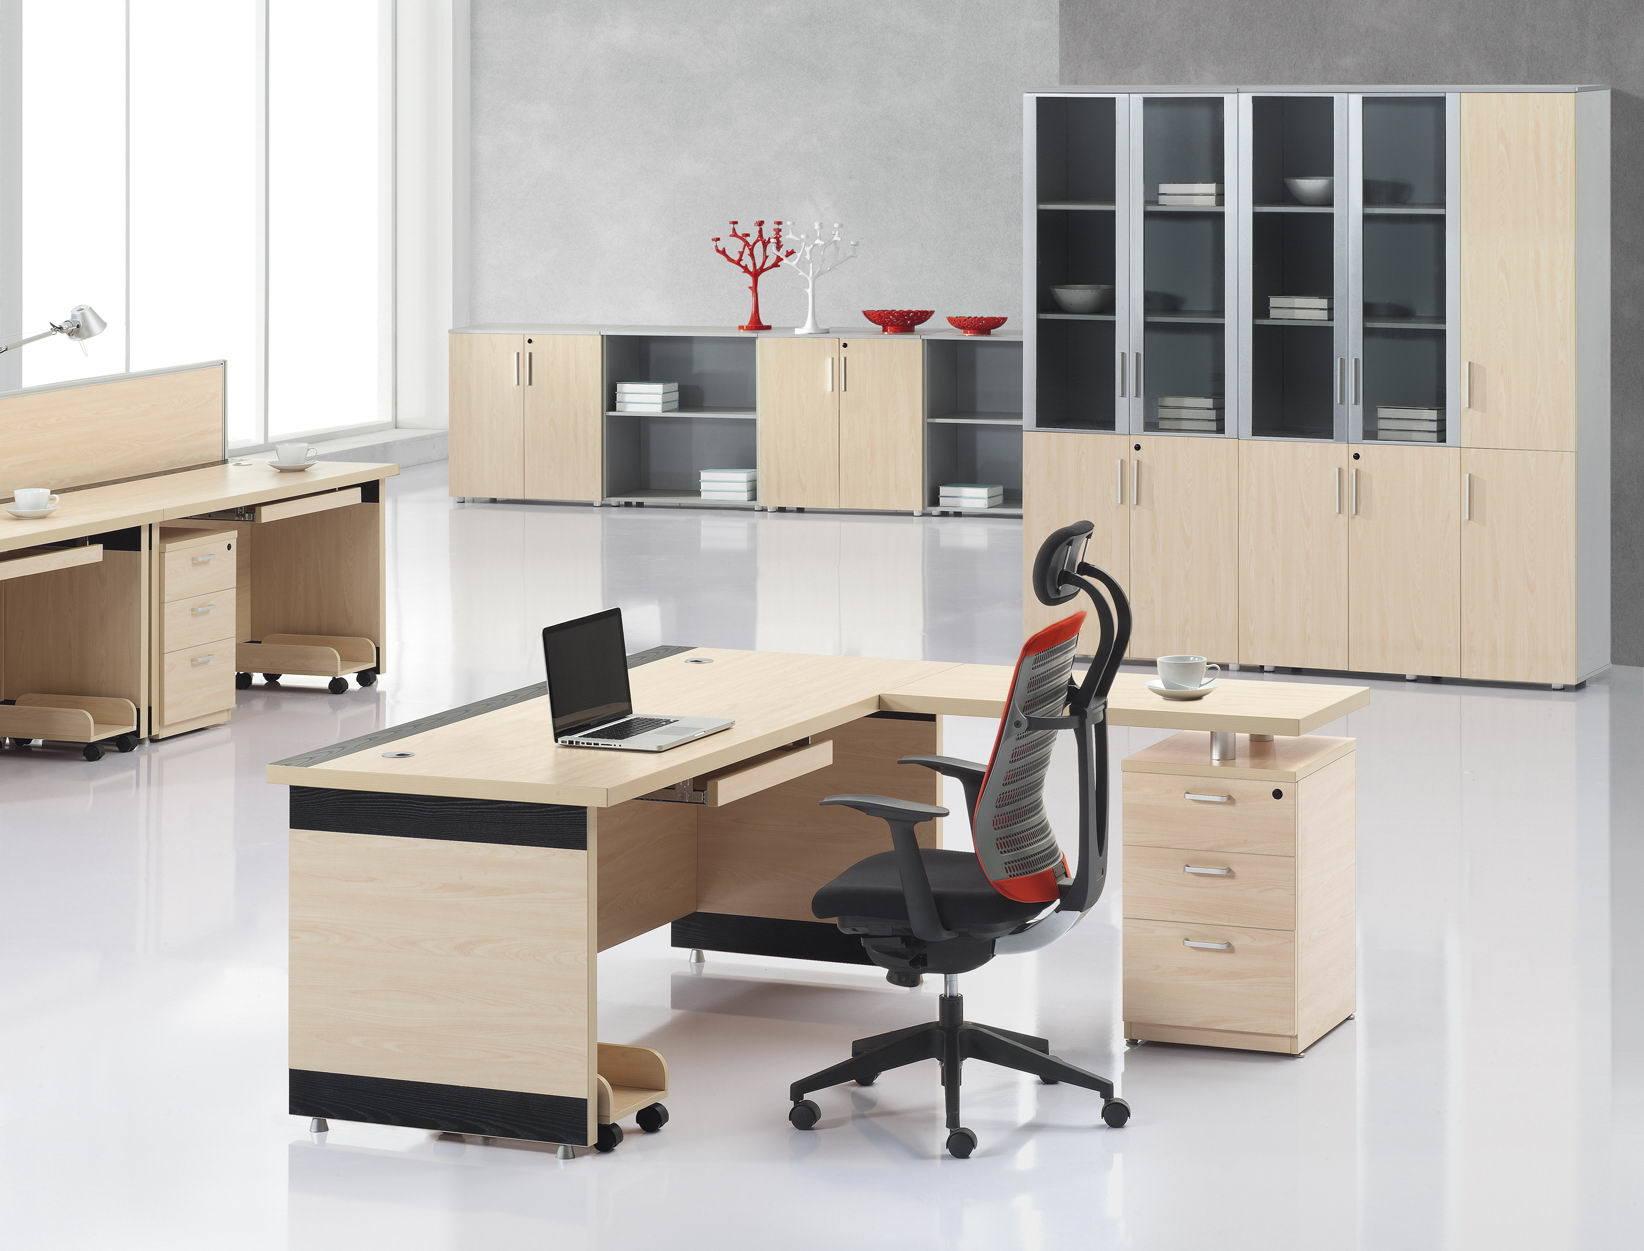 Escritorio de oficina moderno de la melamina e1 ep hs s17 for Proveedores de muebles de oficina